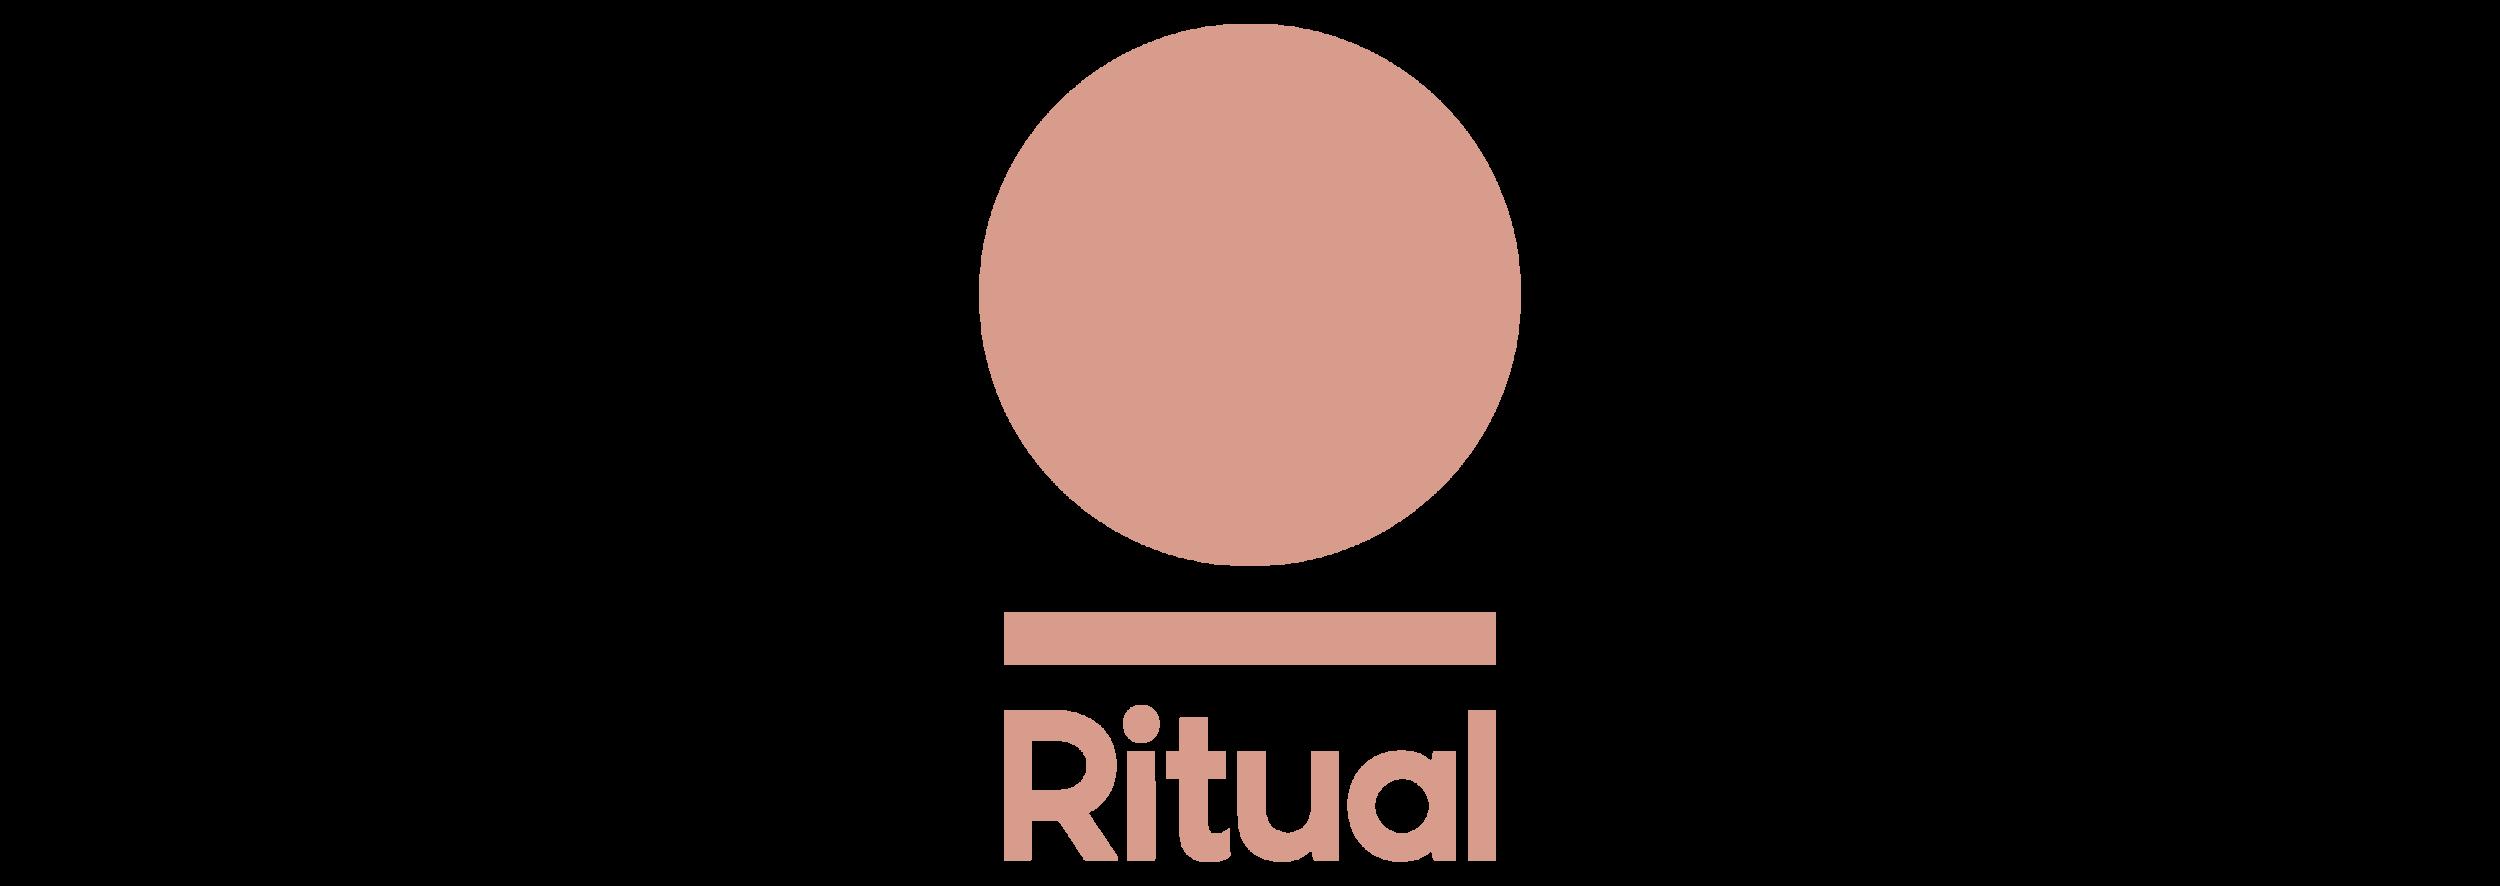 sponsors_ritual.png